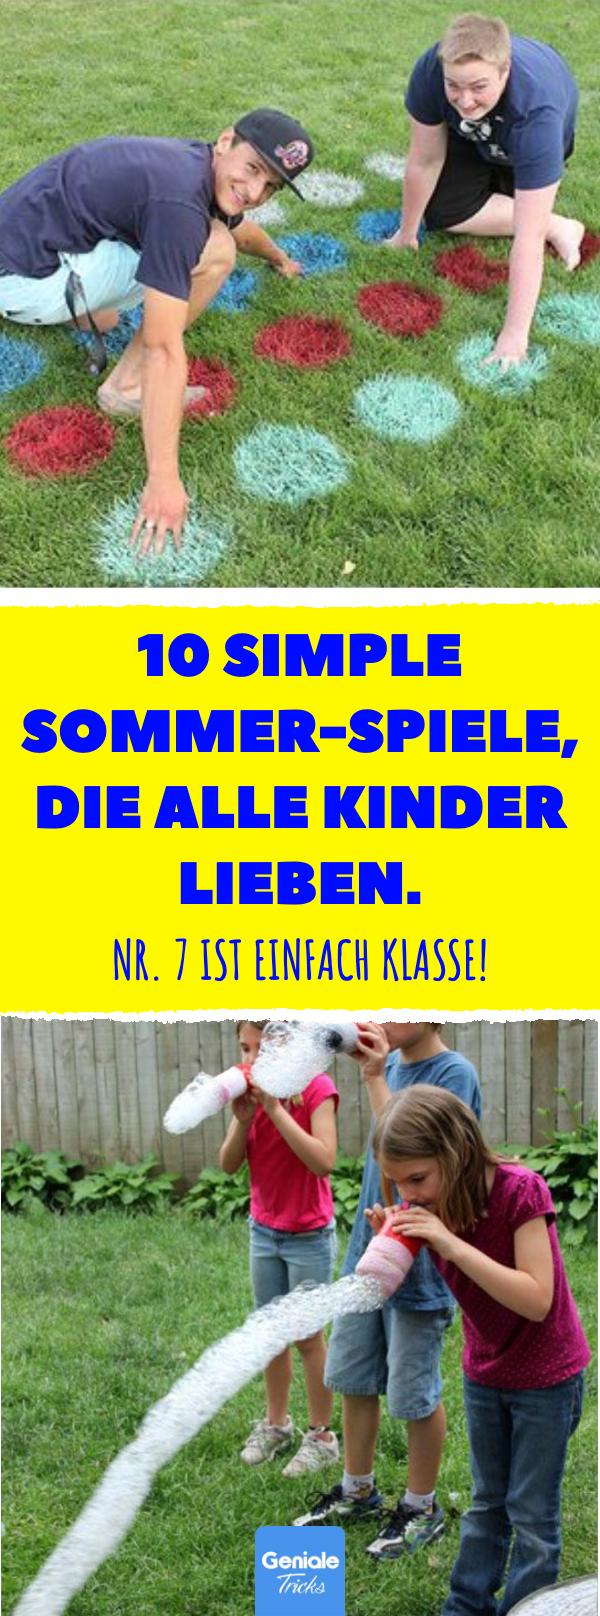 Photo of 10 einfache Sommerspiele, die alle Kinder lieben